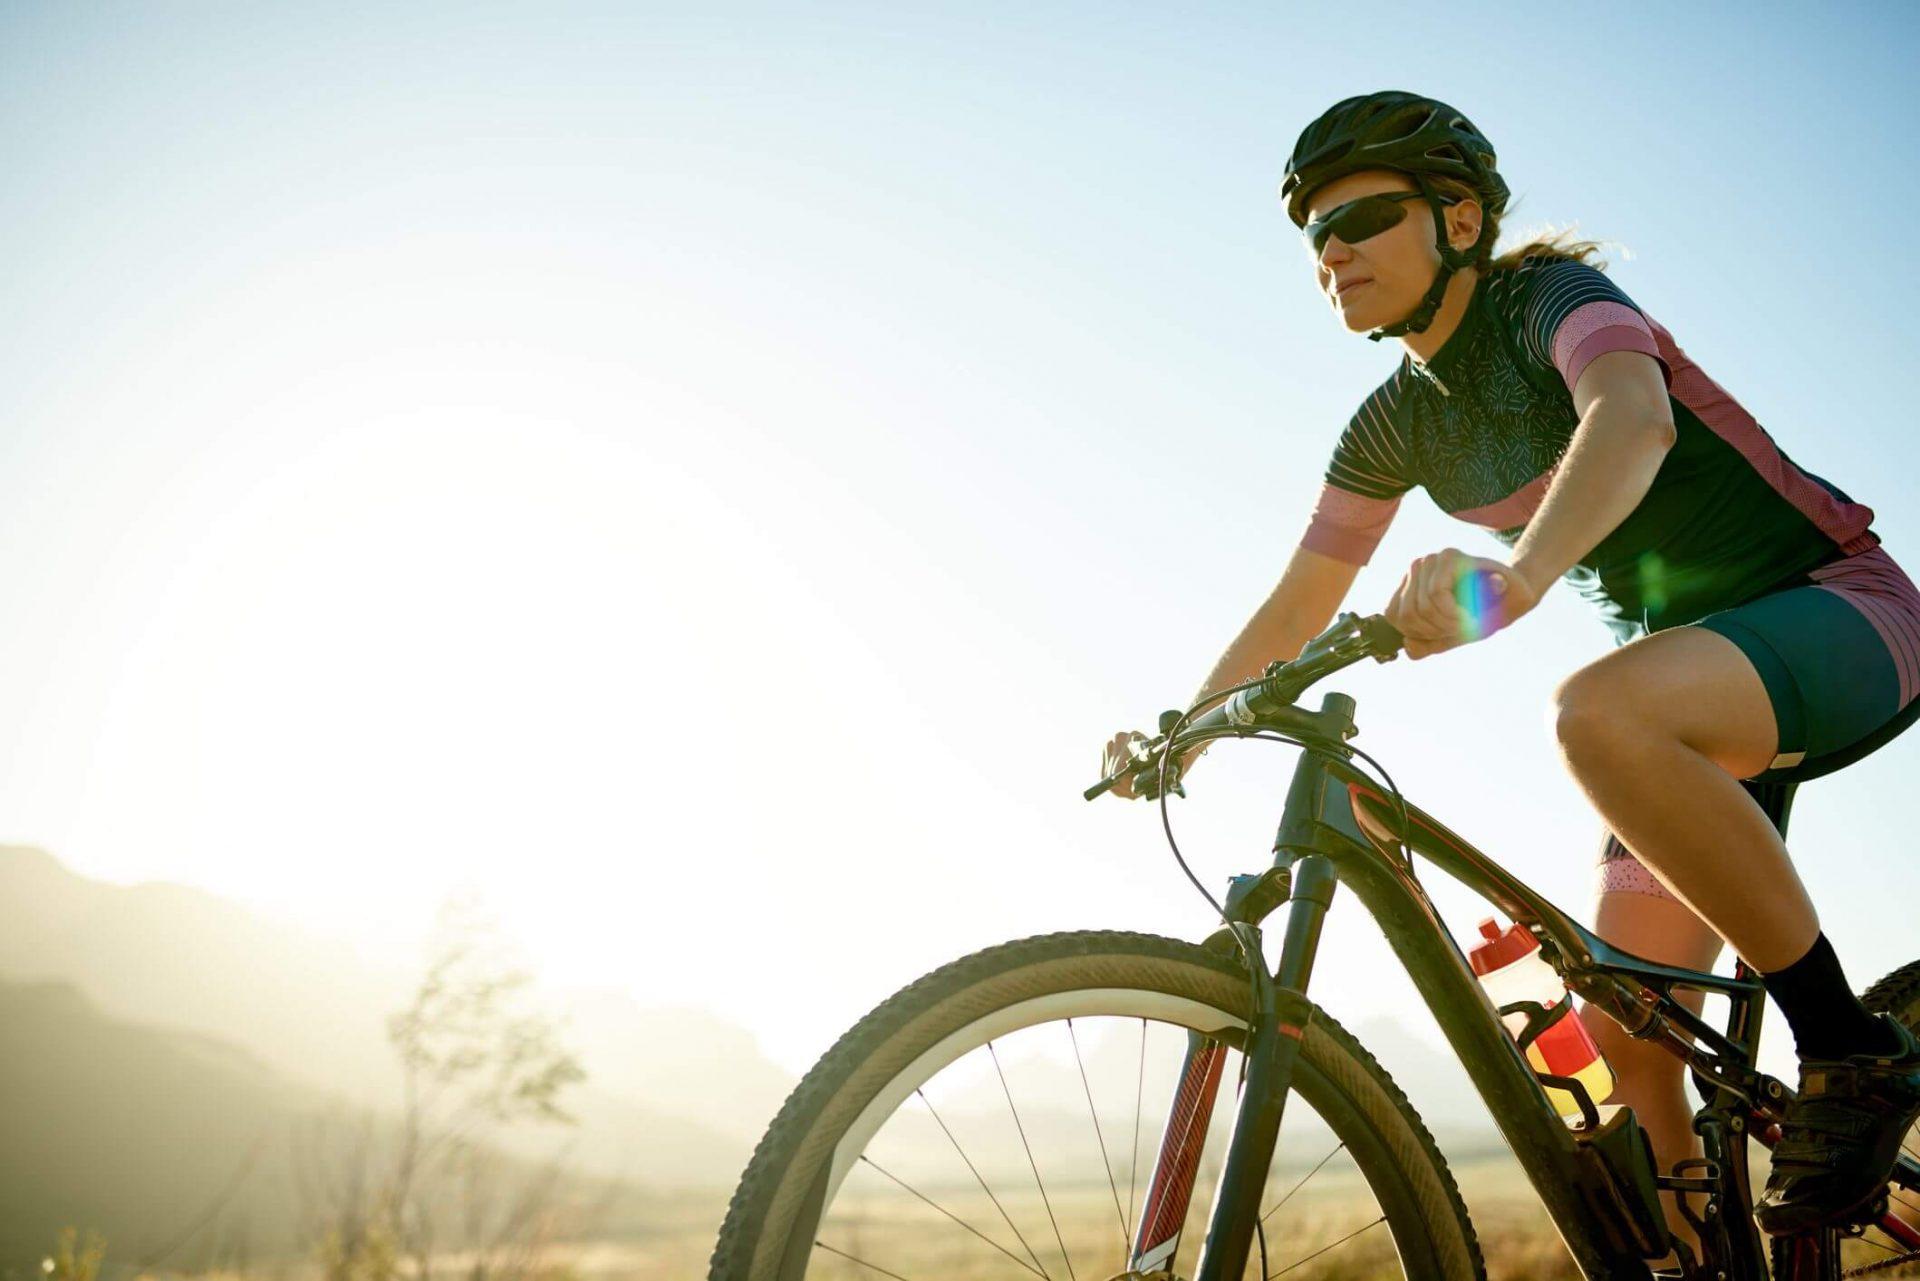 Kerékpárosok 10 leggyakoribb sérülése és azok kezelése - tarczi.hu PORTÁL